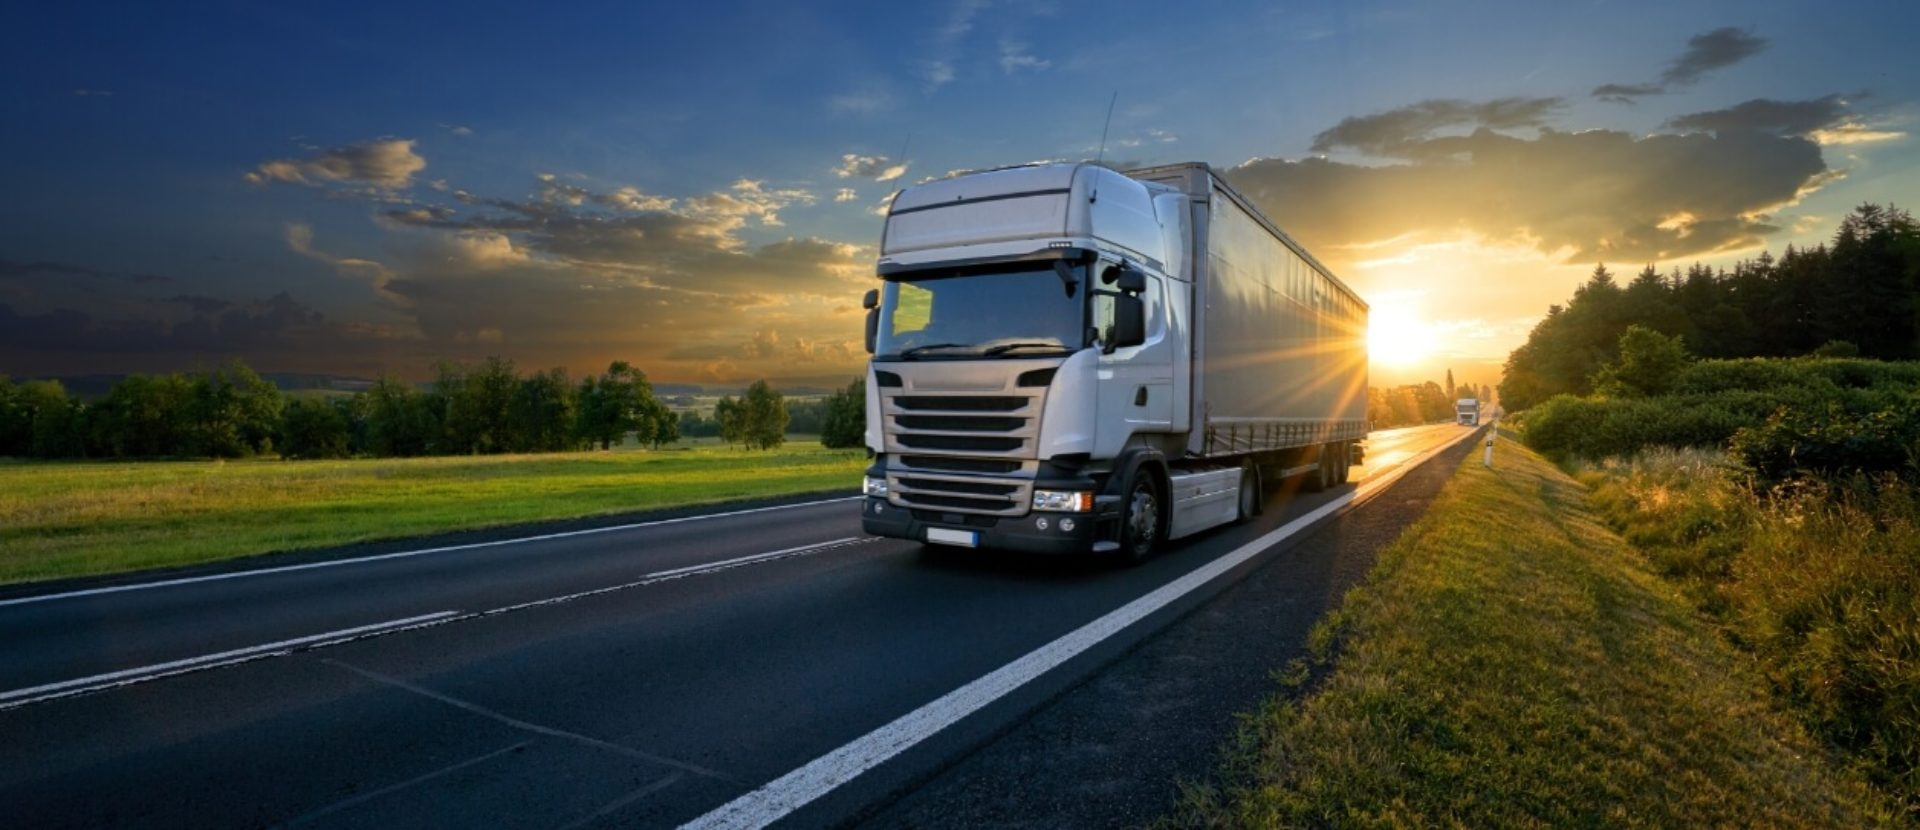 Soluções para a gestão do transporte através da tecnologia